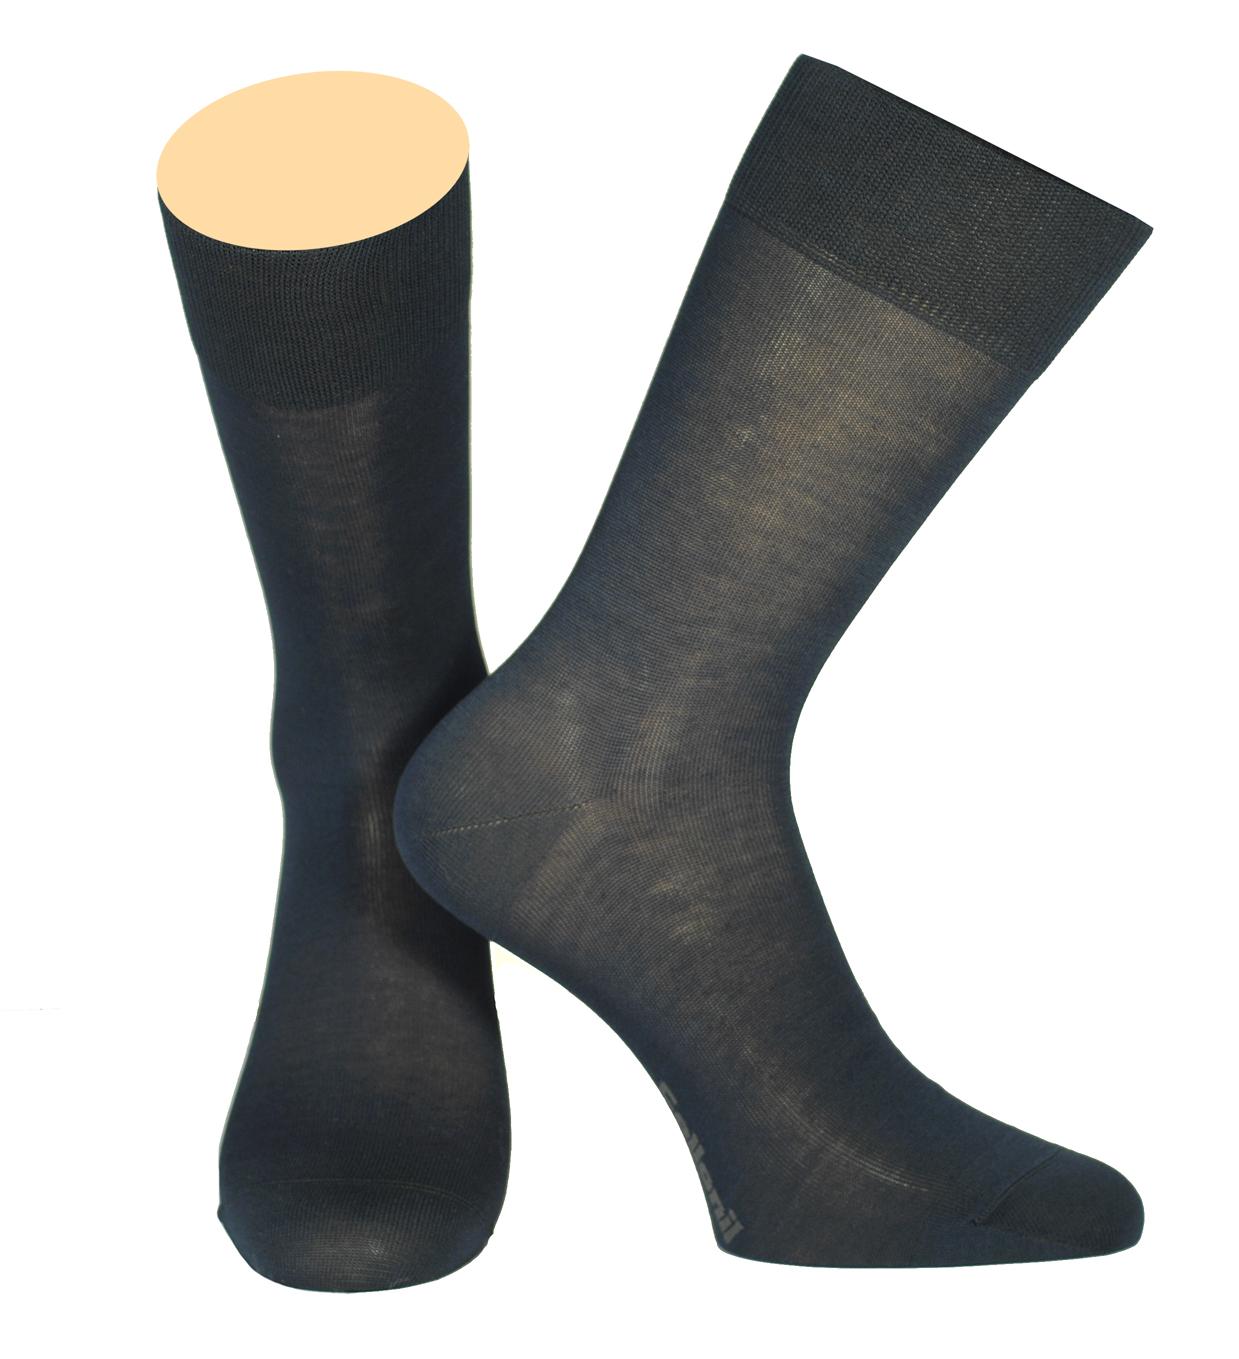 142/01Мужские носки Collonil изготовлены из мерсеризованного хлопка. Носки с удлиненным паголенком. Широкая резинка не сдавливает и комфортно облегает ногу.